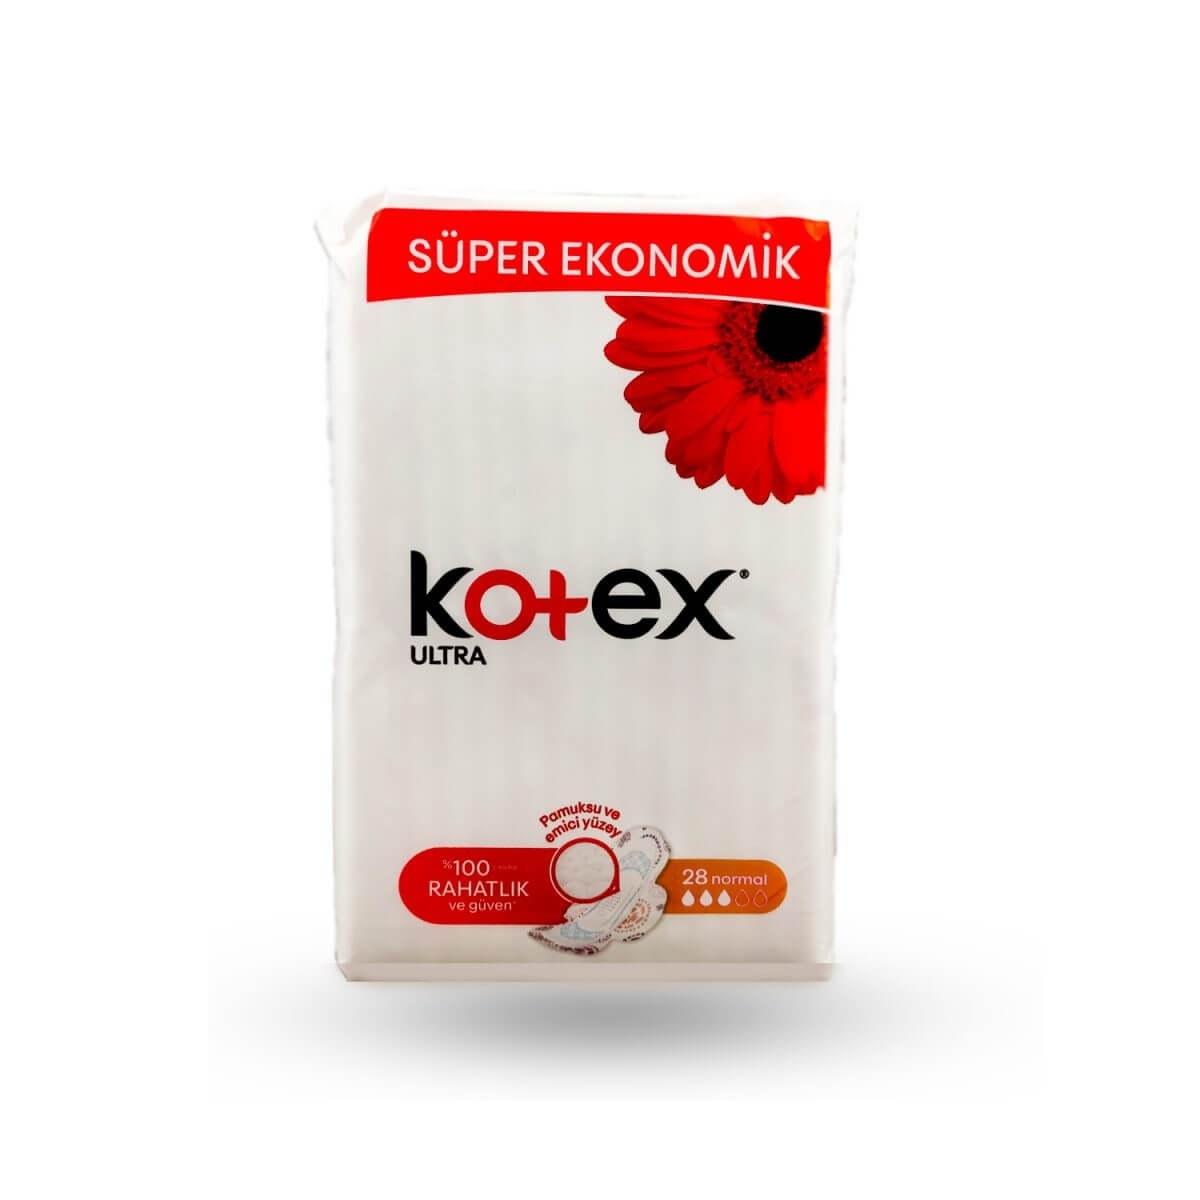 عکس نوار بهداشتی کوتکس kotex  مدل نرمال 28 عددی  نوار-بهداشتی-کوتکس-kotex-مدل-نرمال-28-عددی